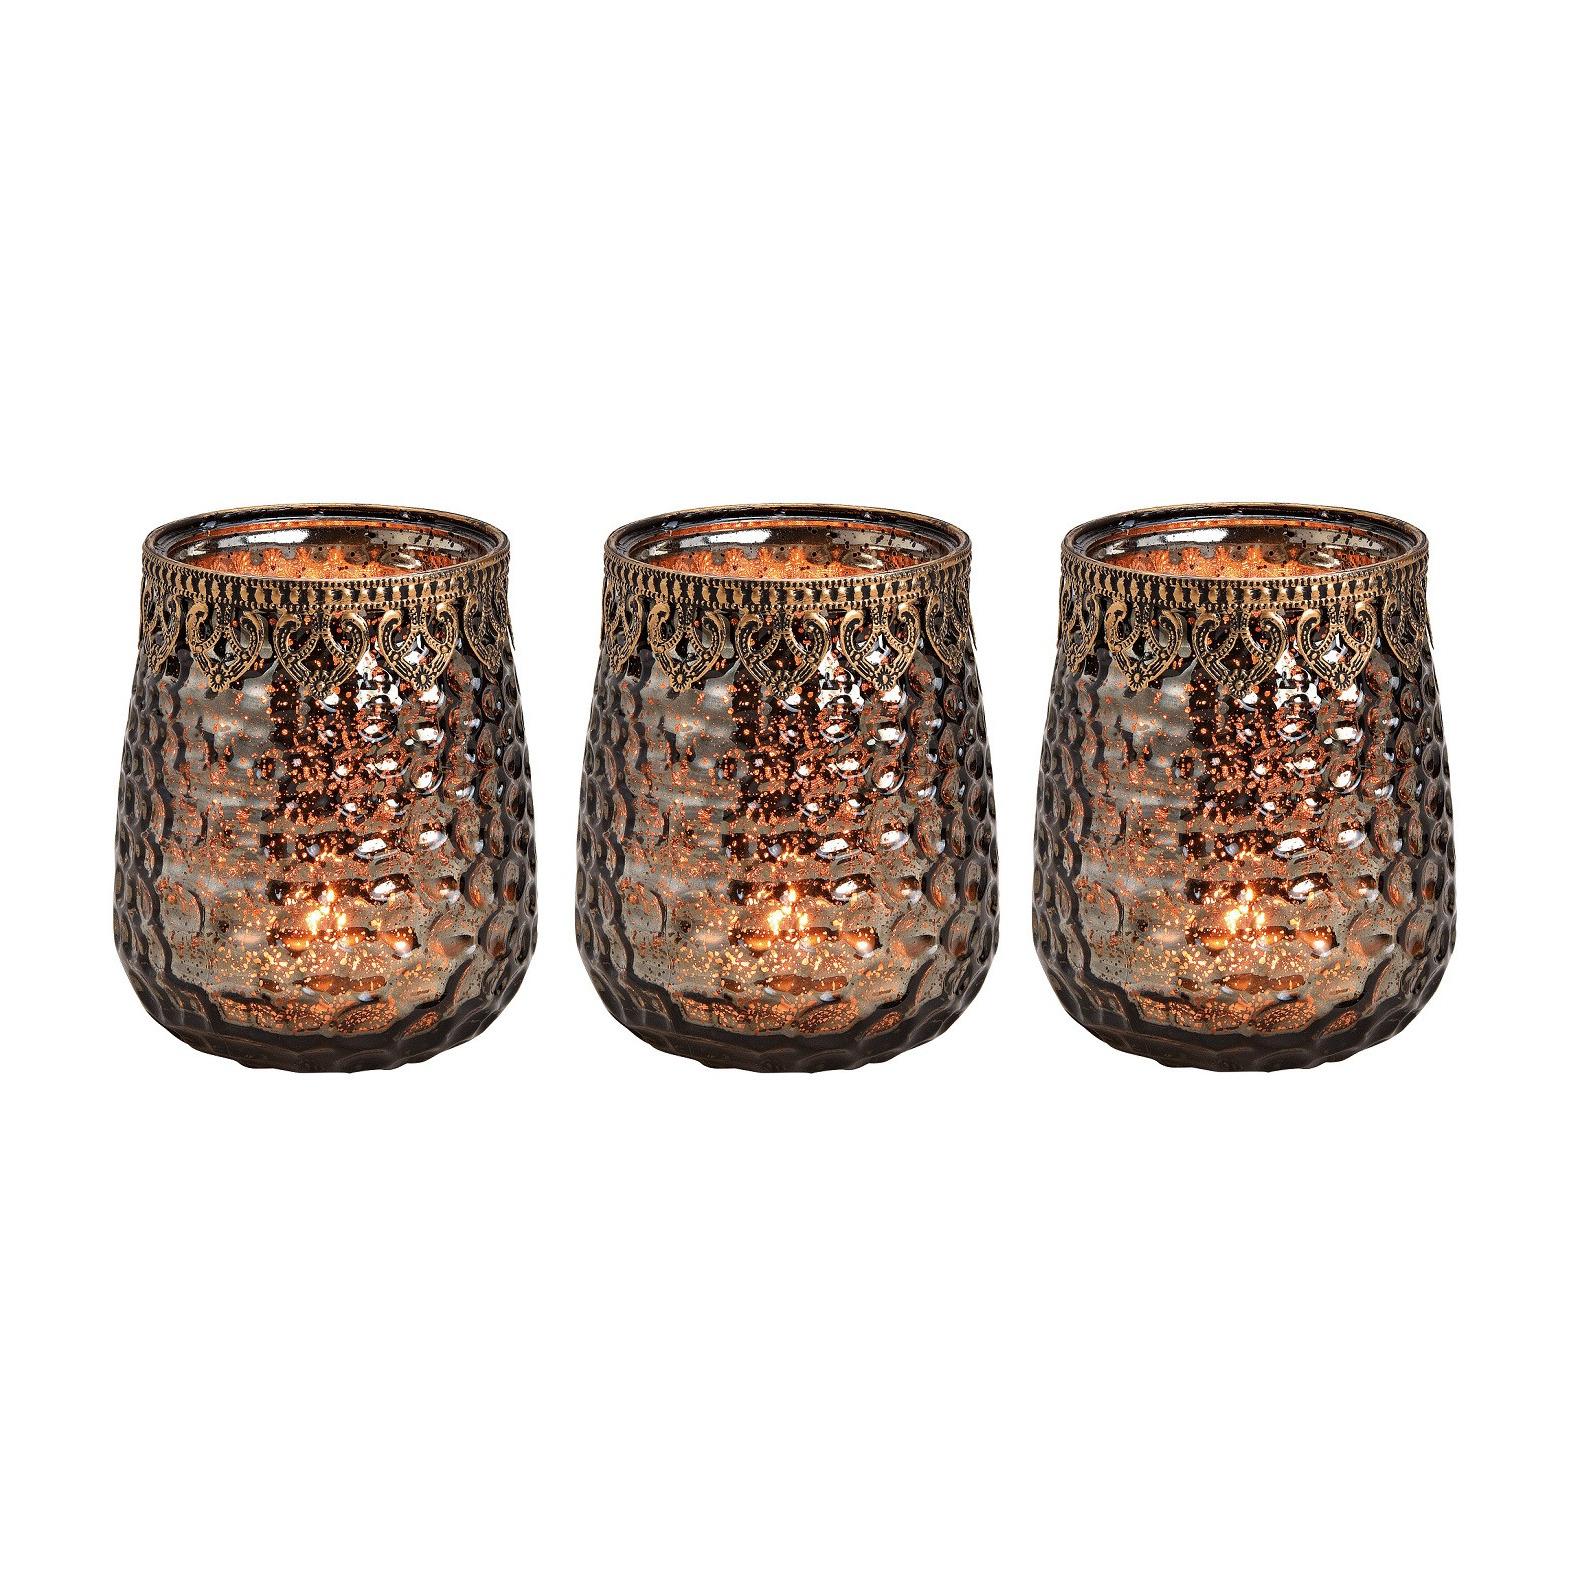 3x Glazen kaarsenhouders voor theelichtjes/waxinelichtjes 11 x 14 cm antieklook/Oosters -